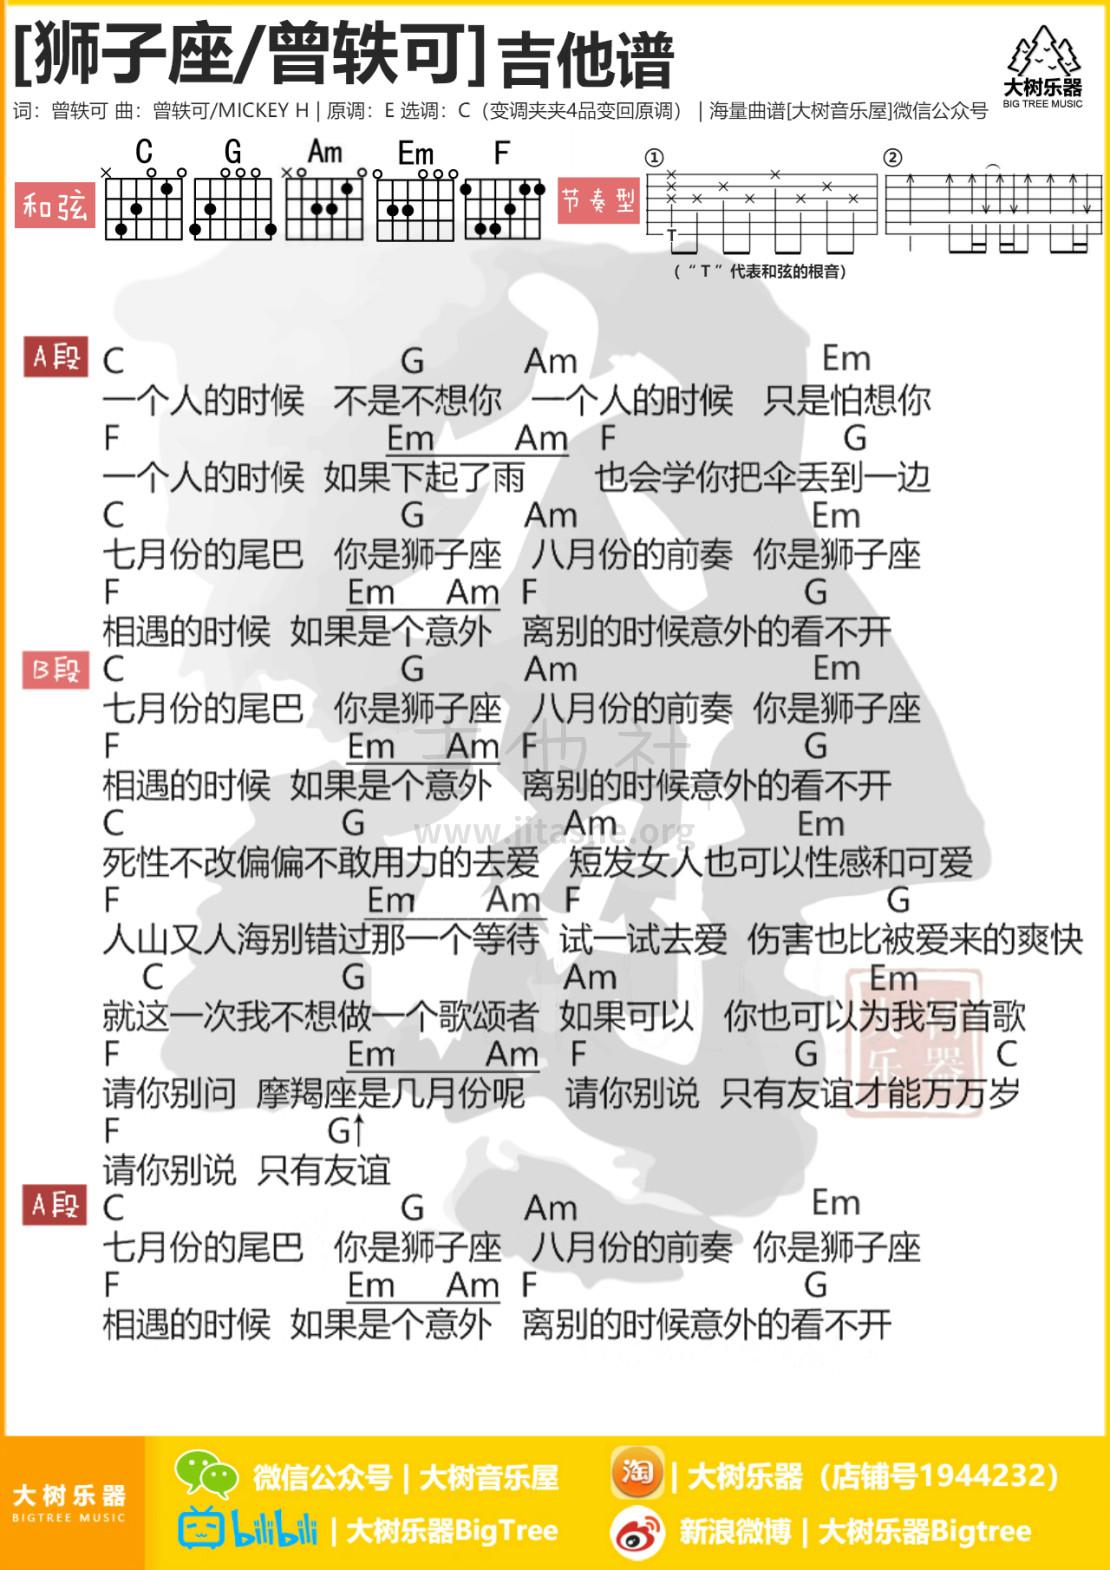 狮子座吉他谱(图片谱,弹唱,和弦谱,大树音乐)_曾轶可_1502153746953_meitu_1.jpg